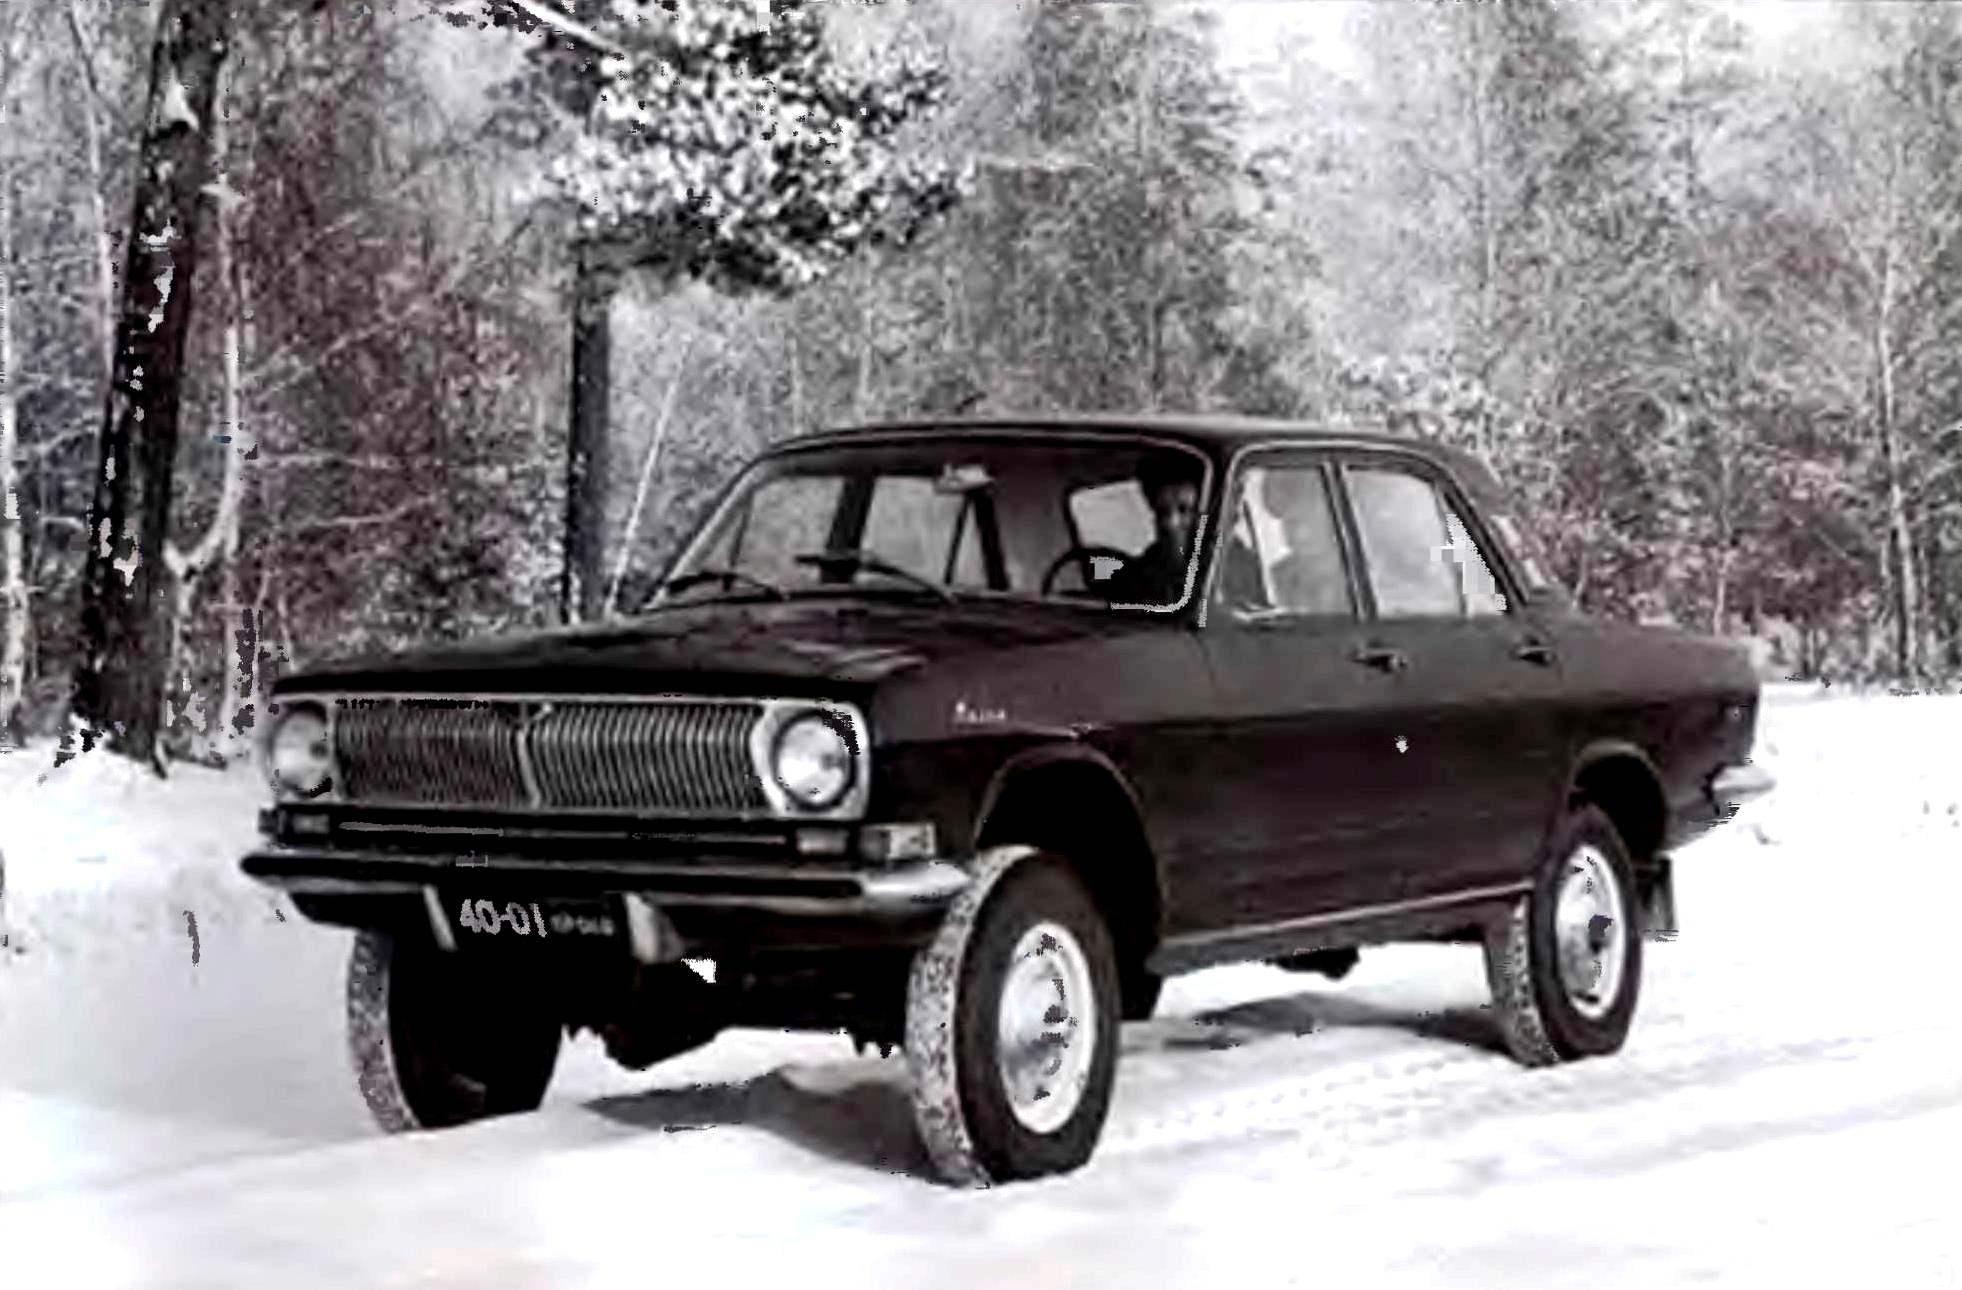 Комфортабельный безрамный внедорожник ГАЗ-24-96 «Волга», созданный с использованием узлов и агрегатов армейского полноприводного автомобиля УАЗ-469, был выпущен сверхмалой серией из пяти машин специально для «главного охотника страны» Л. И. Брежнева.